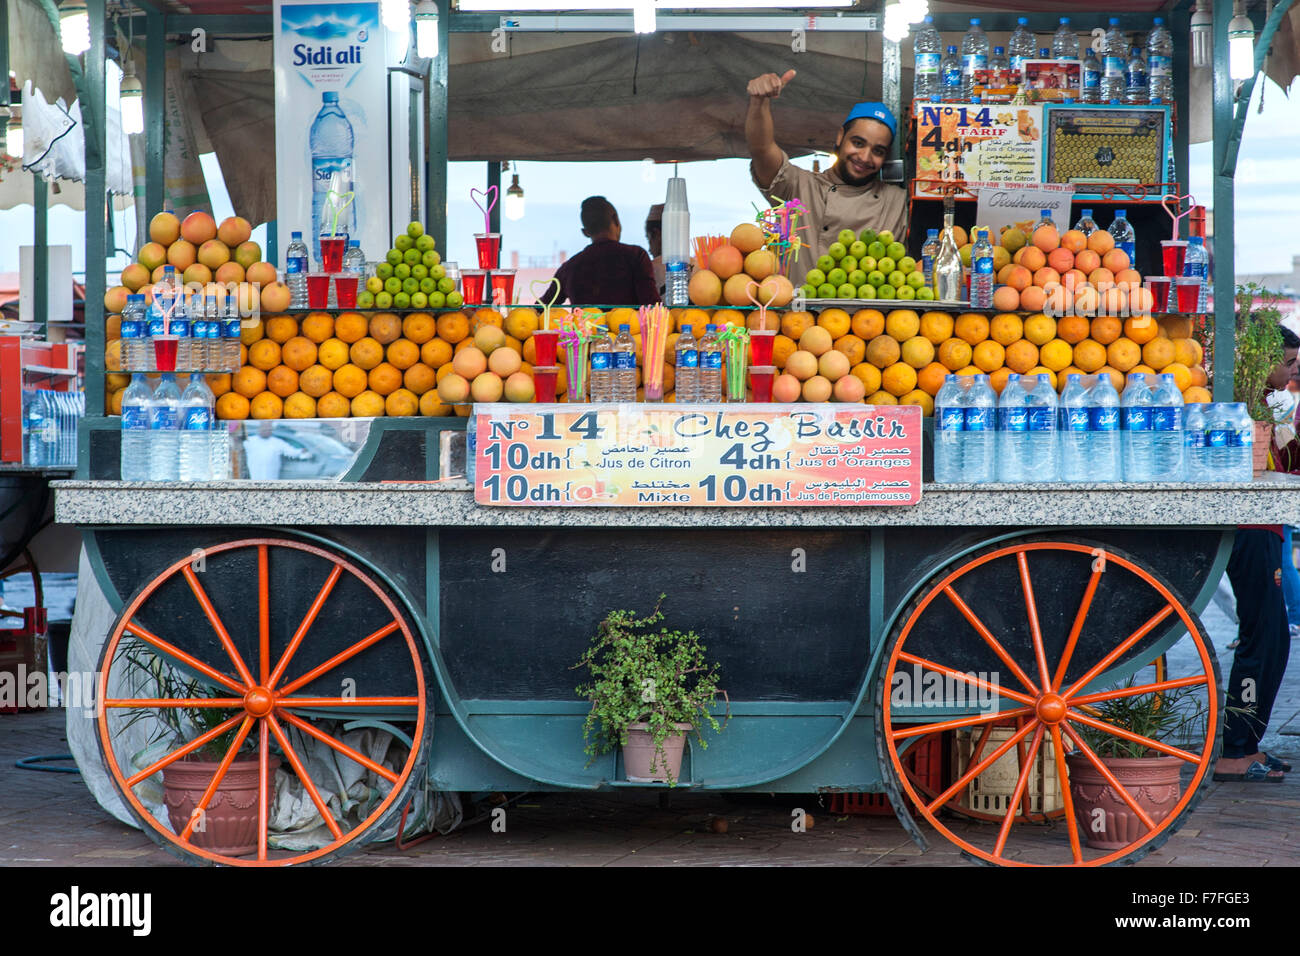 Fornitore del succo di frutta in Piazza Jemaa El Fna a Marrakech, Marocco. Immagini Stock